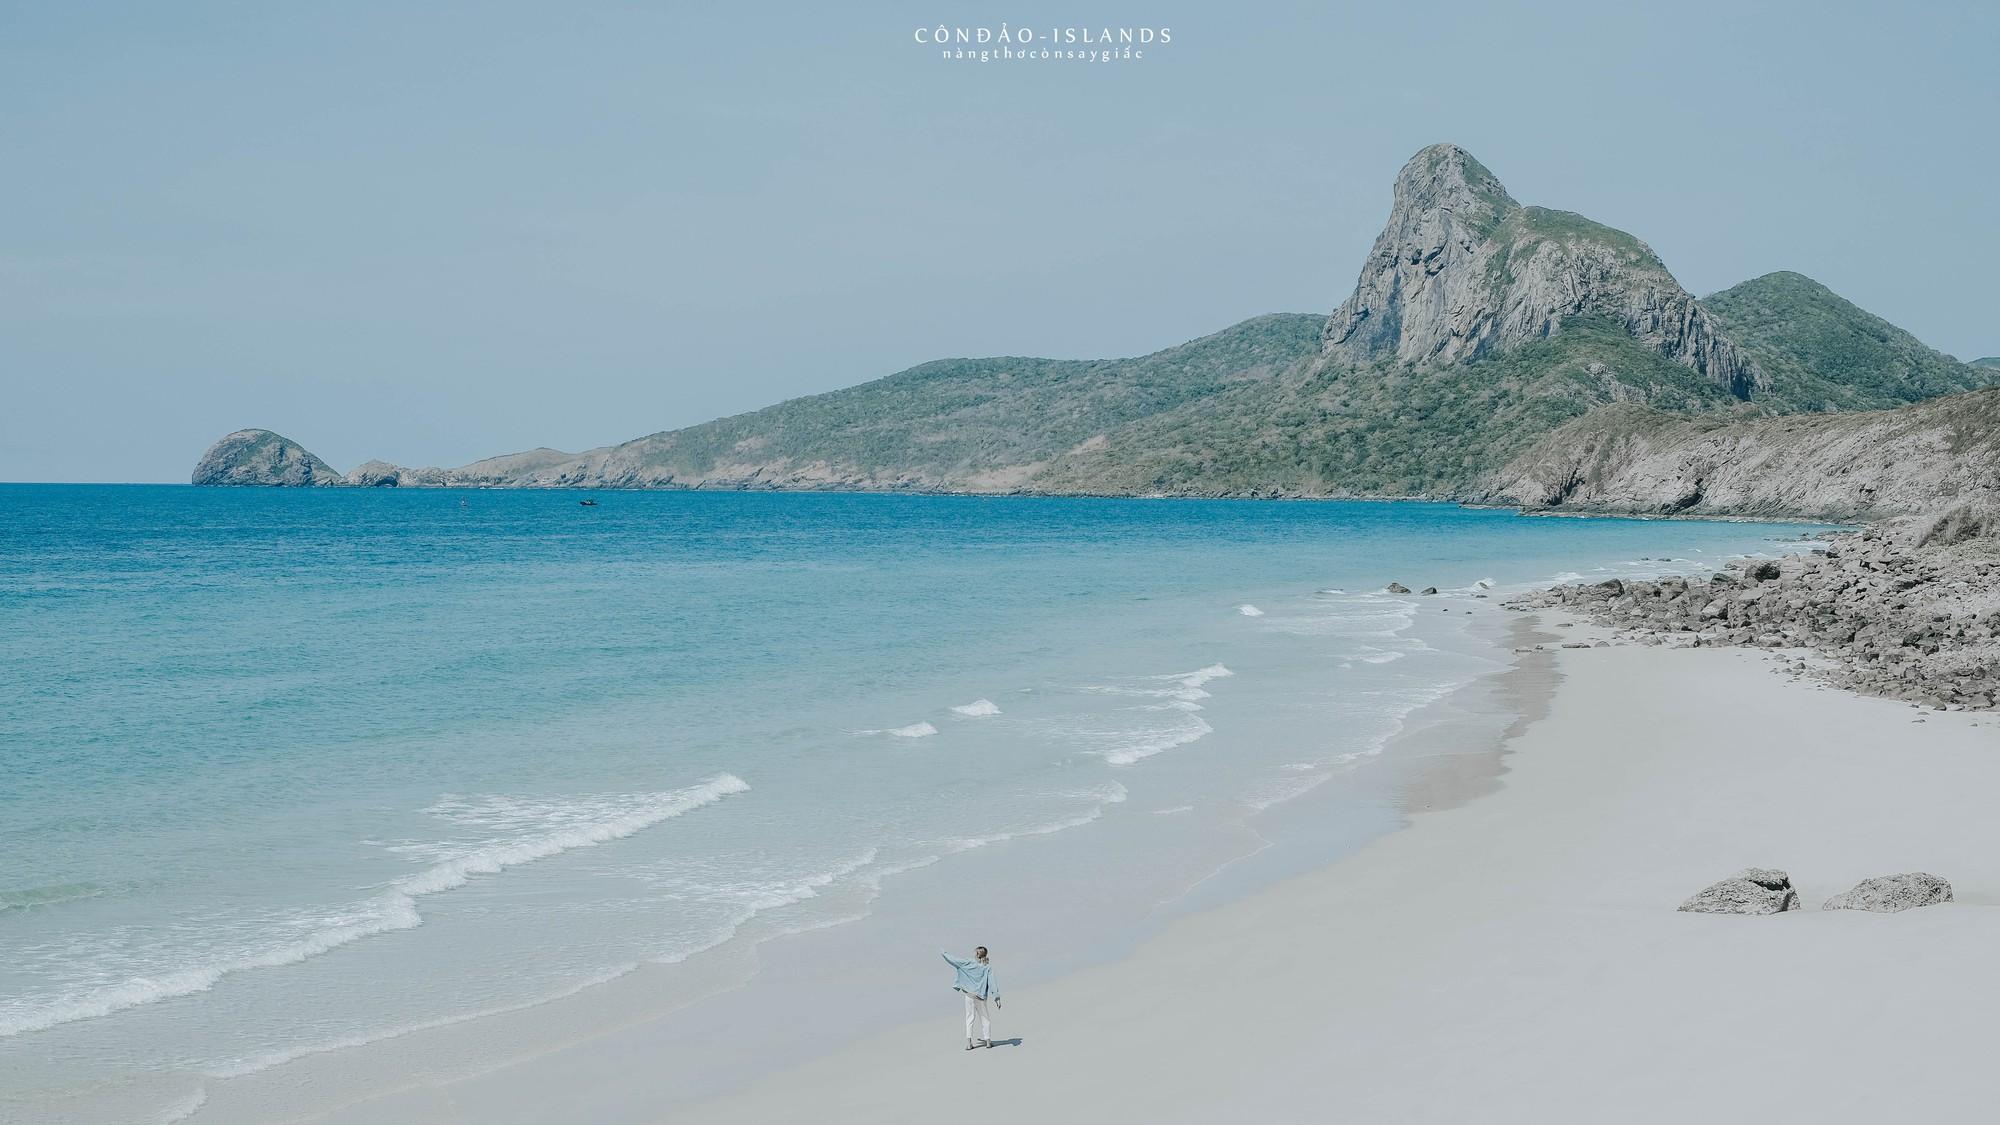 Đừng mơ đến Jeju làm gì khi Việt Nam có hòn đảo còn đẹp hơn nhiều - Ảnh 19.